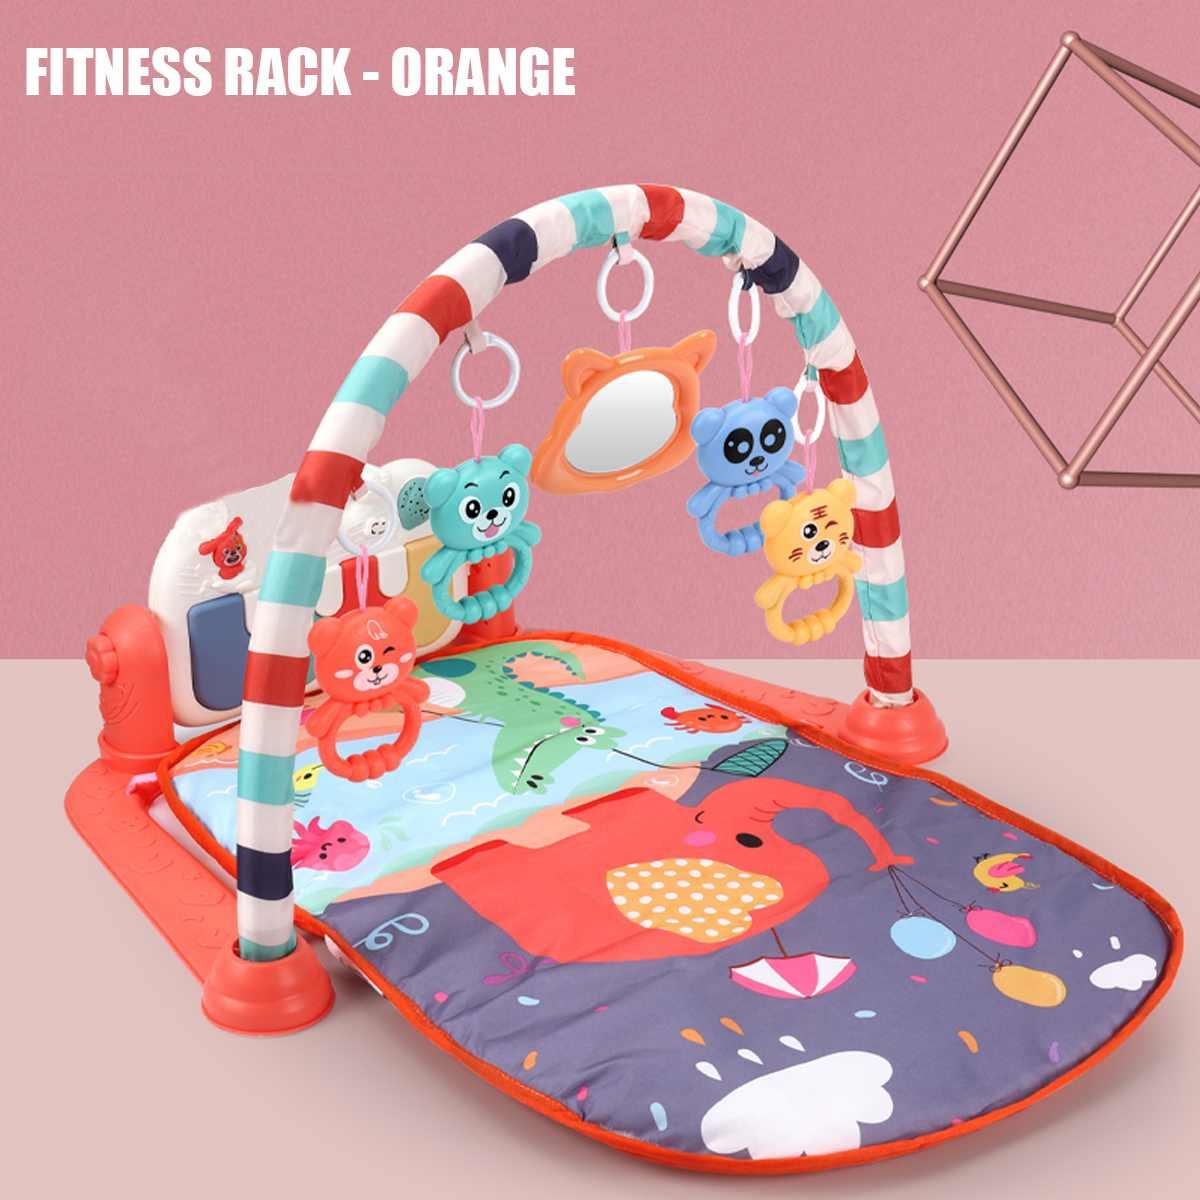 3 в 1 детский игровой коврик для тренажерного зала для фитнеса, музыки, фортепиано, подвесной игрушечный проектор, Ранняя образовательная го...